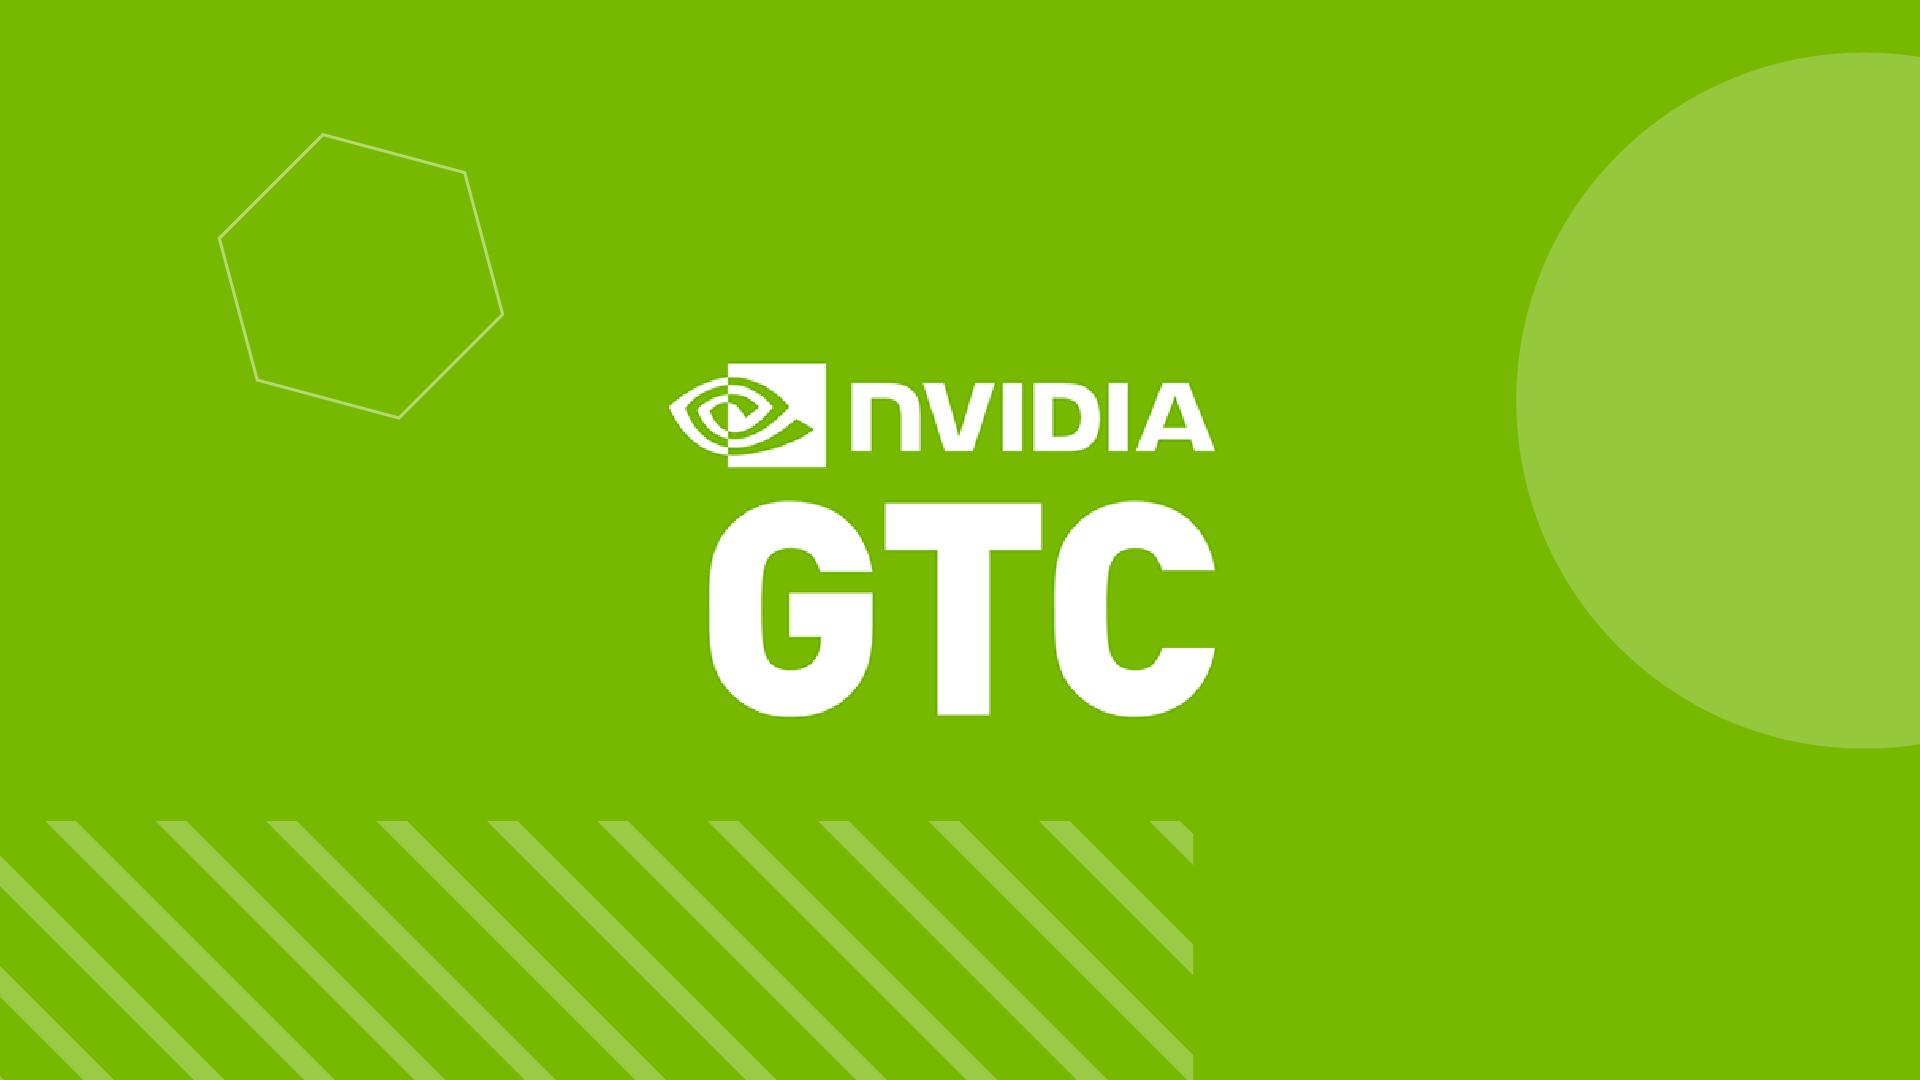 NVIDIA GTC